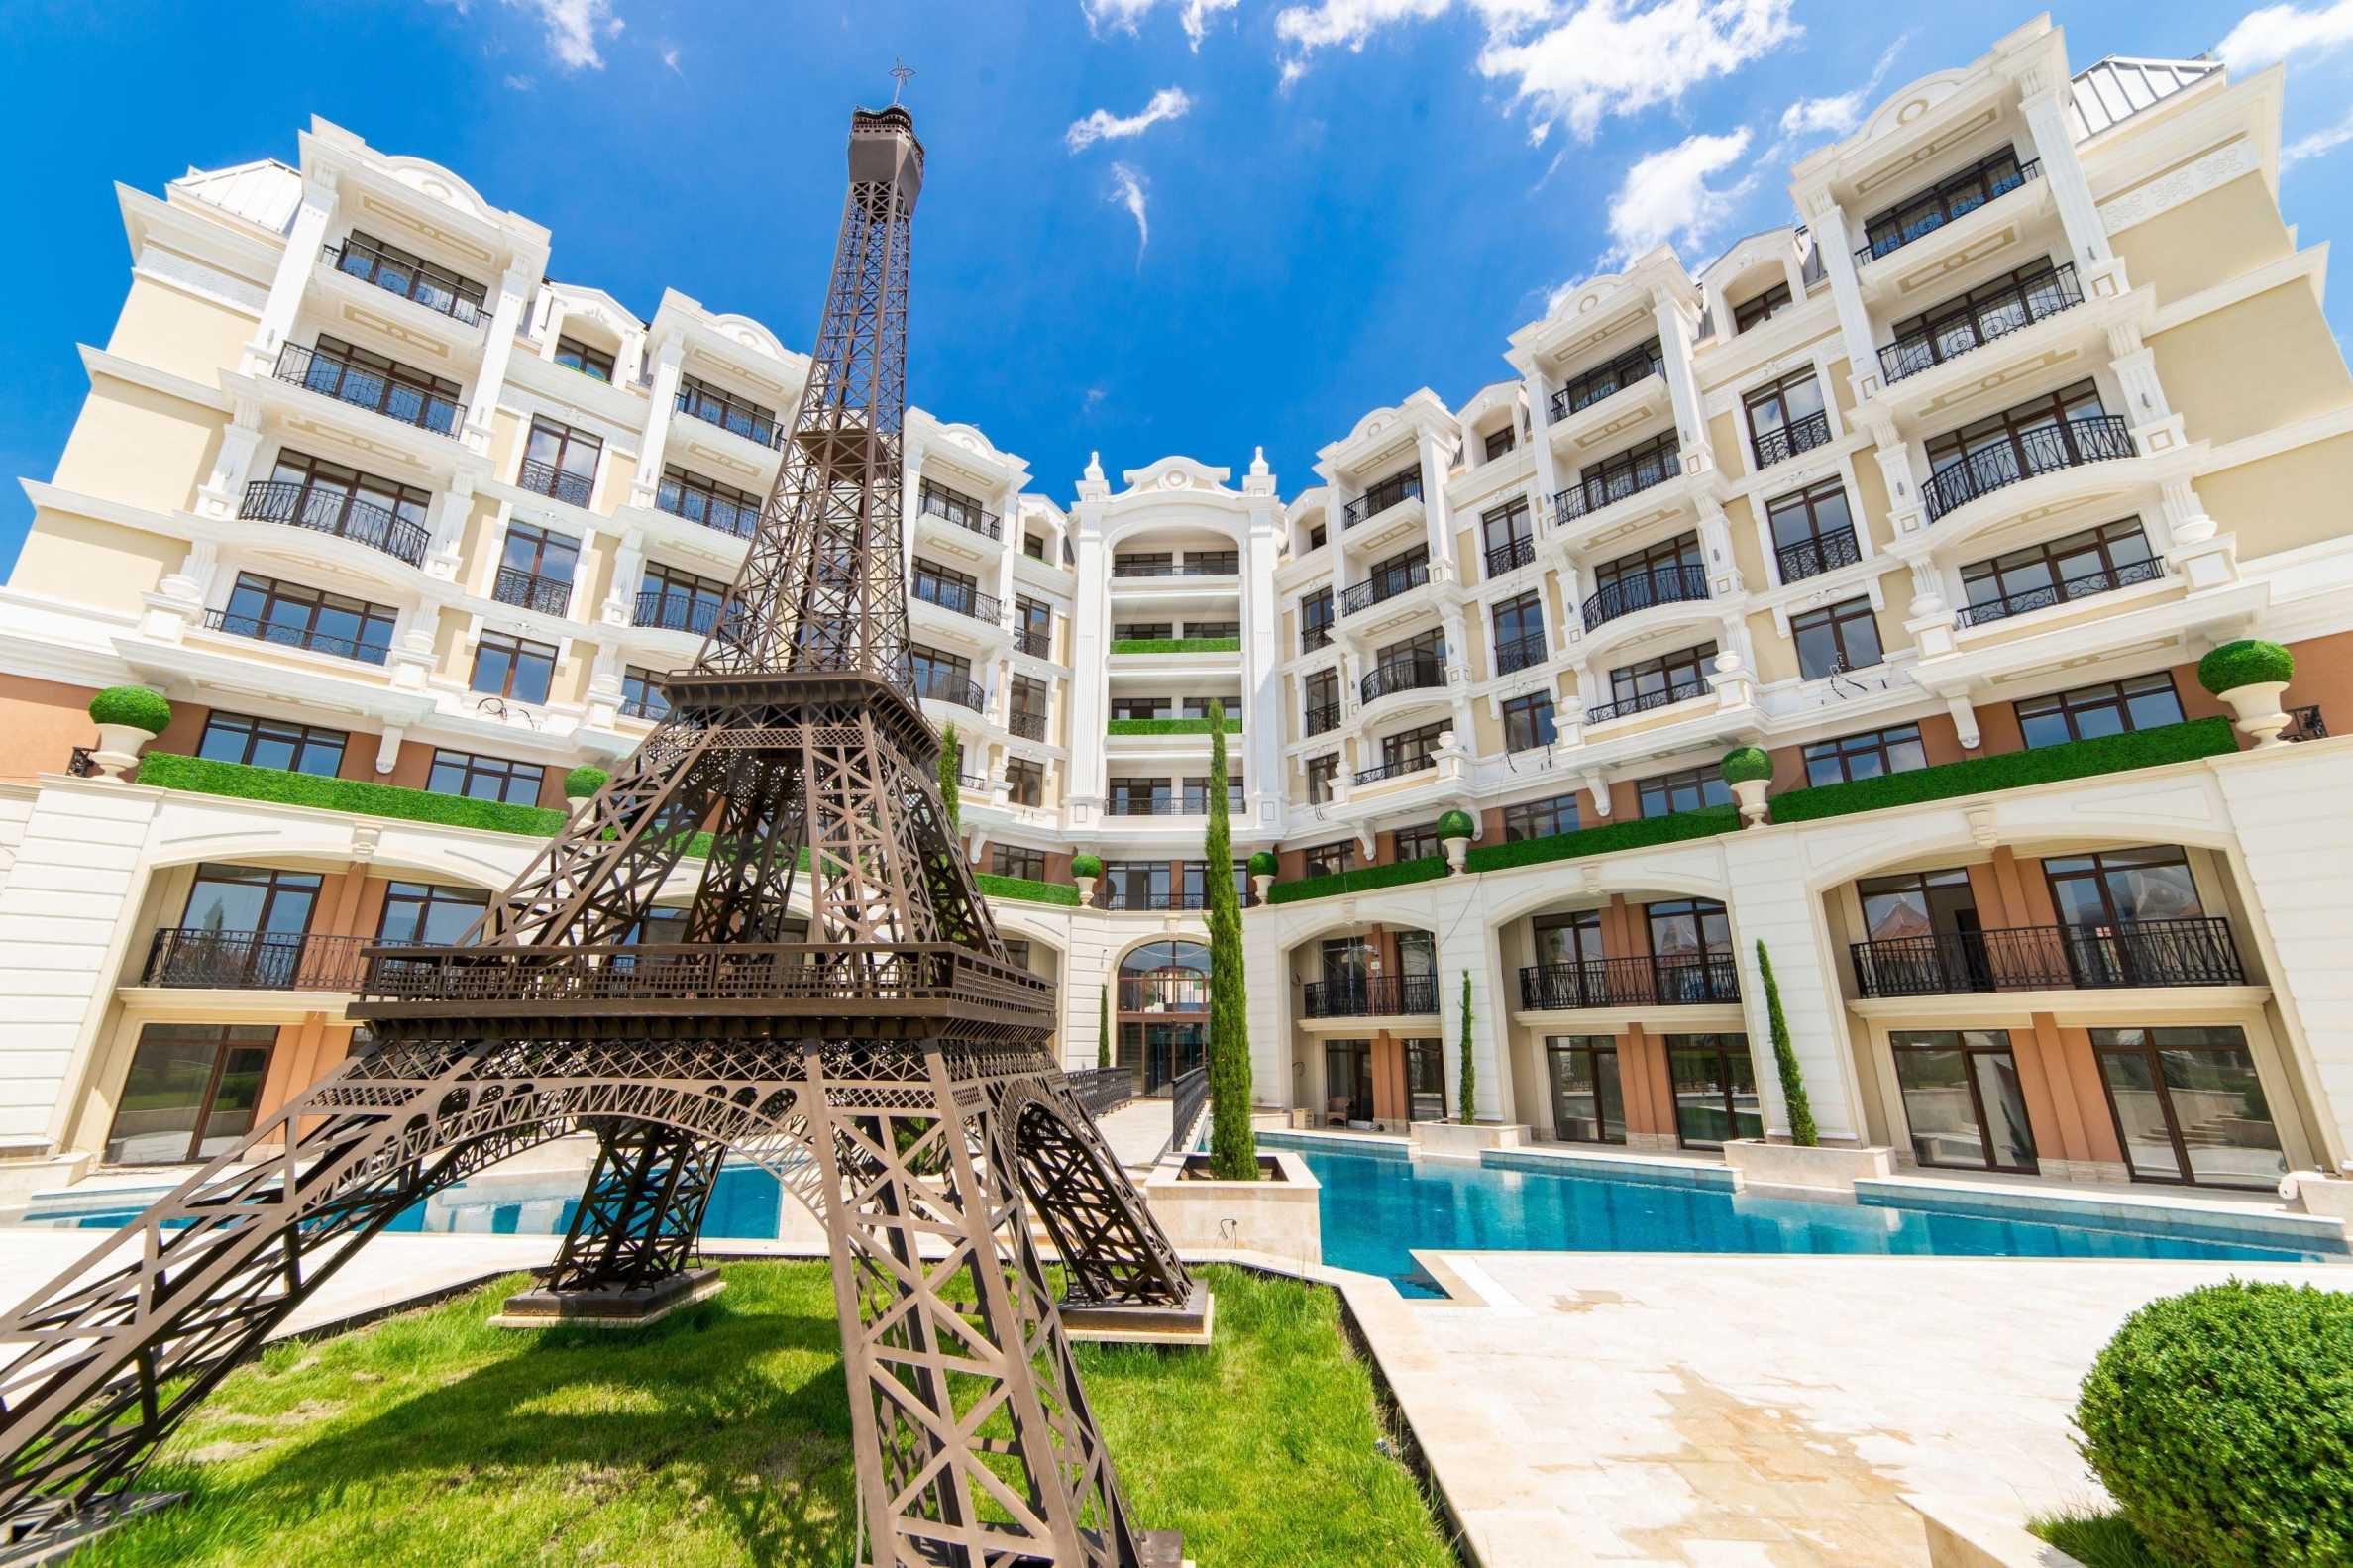 Erstklassige Apartments  zum TOP-Preis ab 890 €/m² im Komplex im Stil der französischen Renaissance (Akt 16) 43